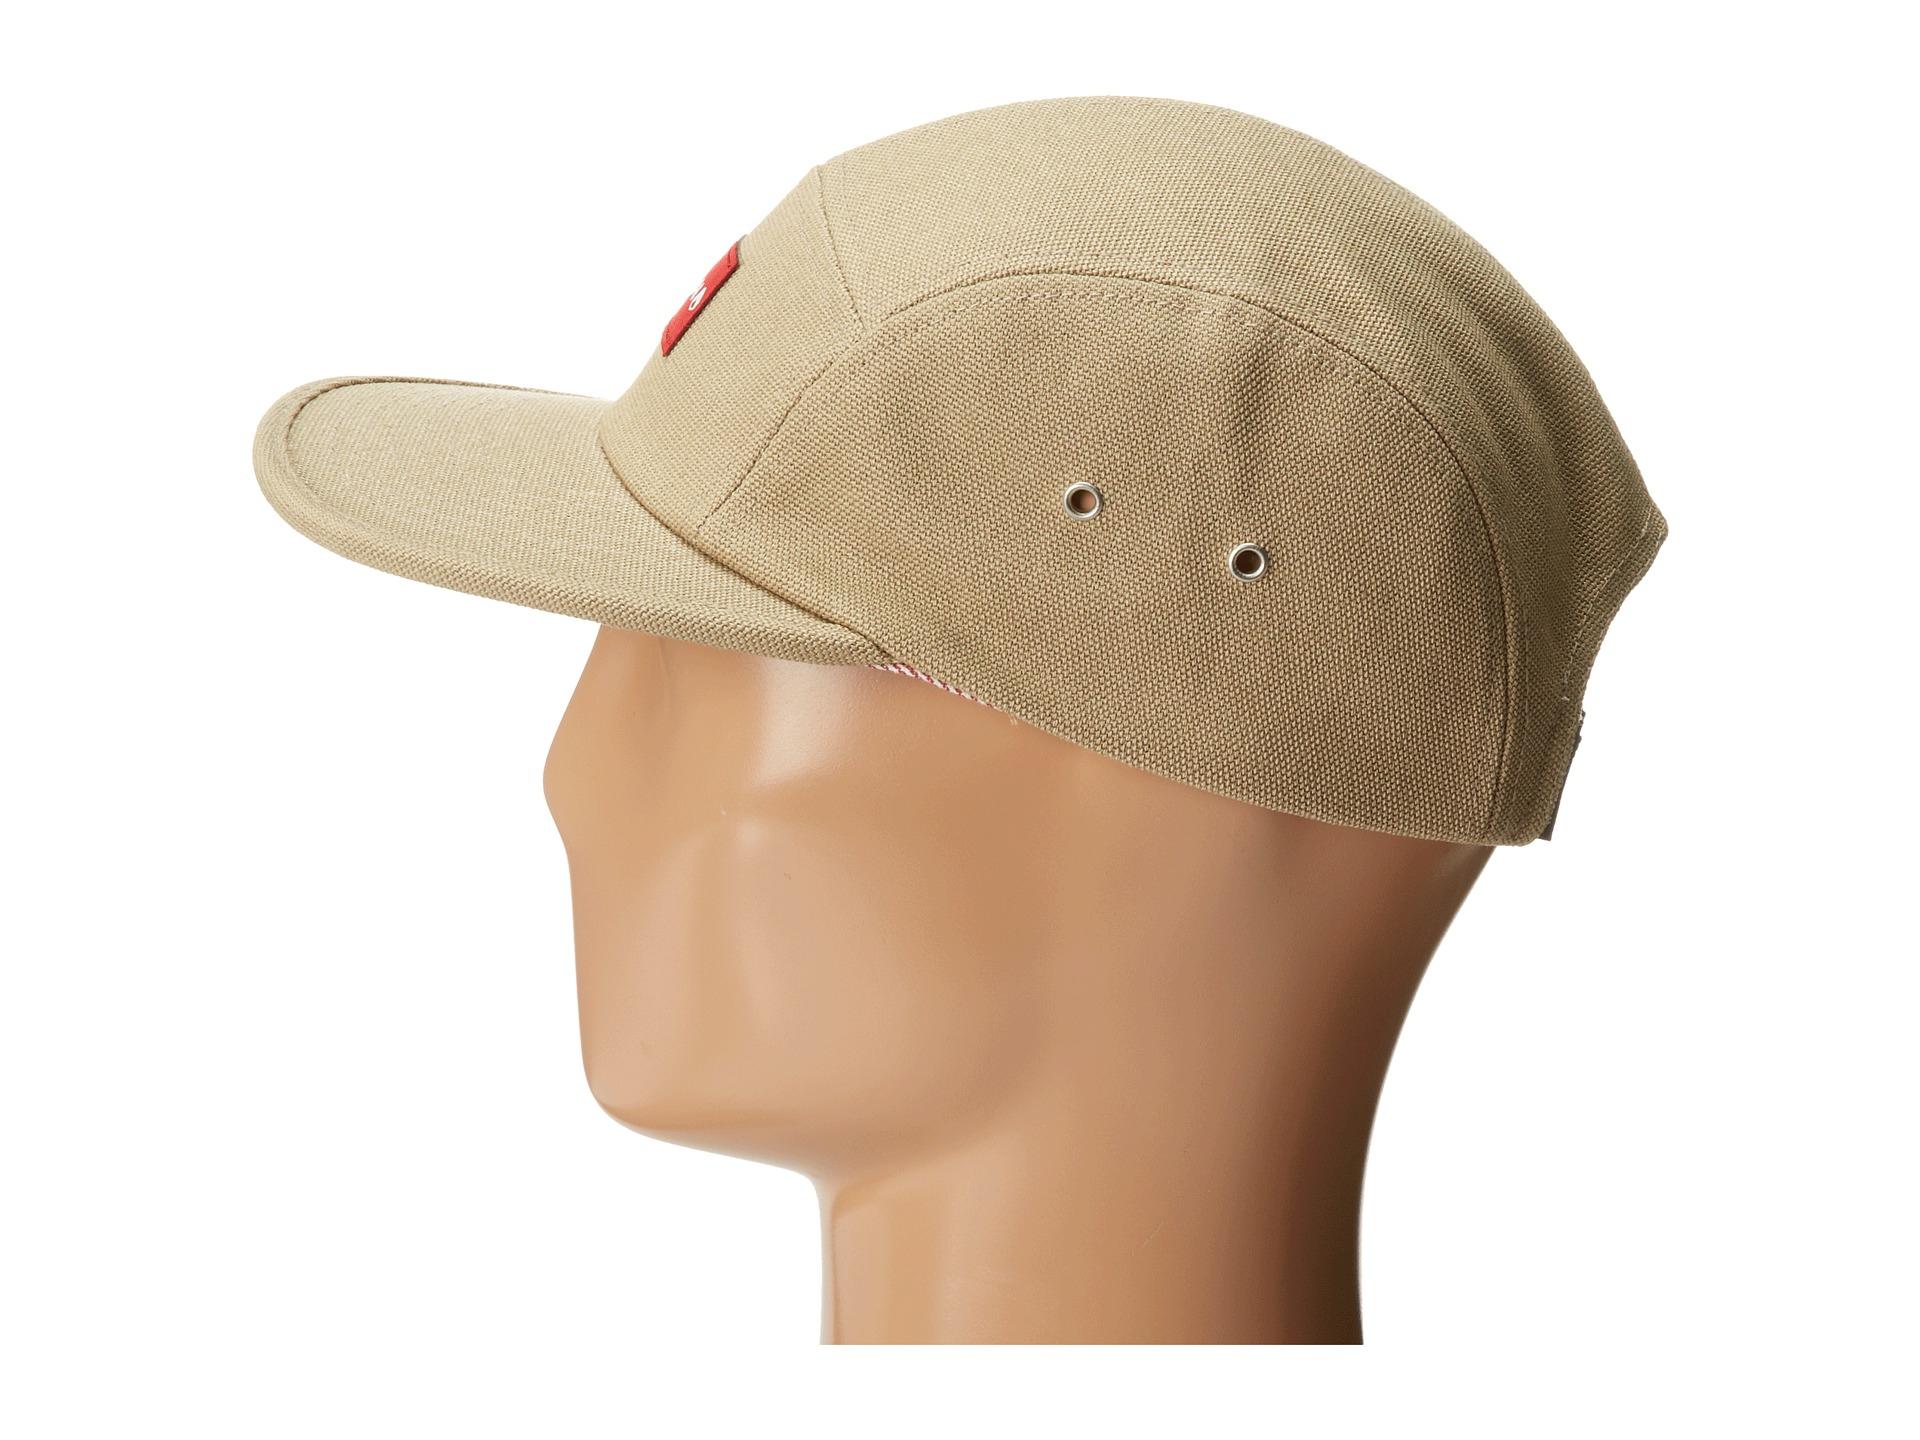 0ef5253c9c6 Lyst - Nixon Tide 5 Panel Hat in Natural for Men